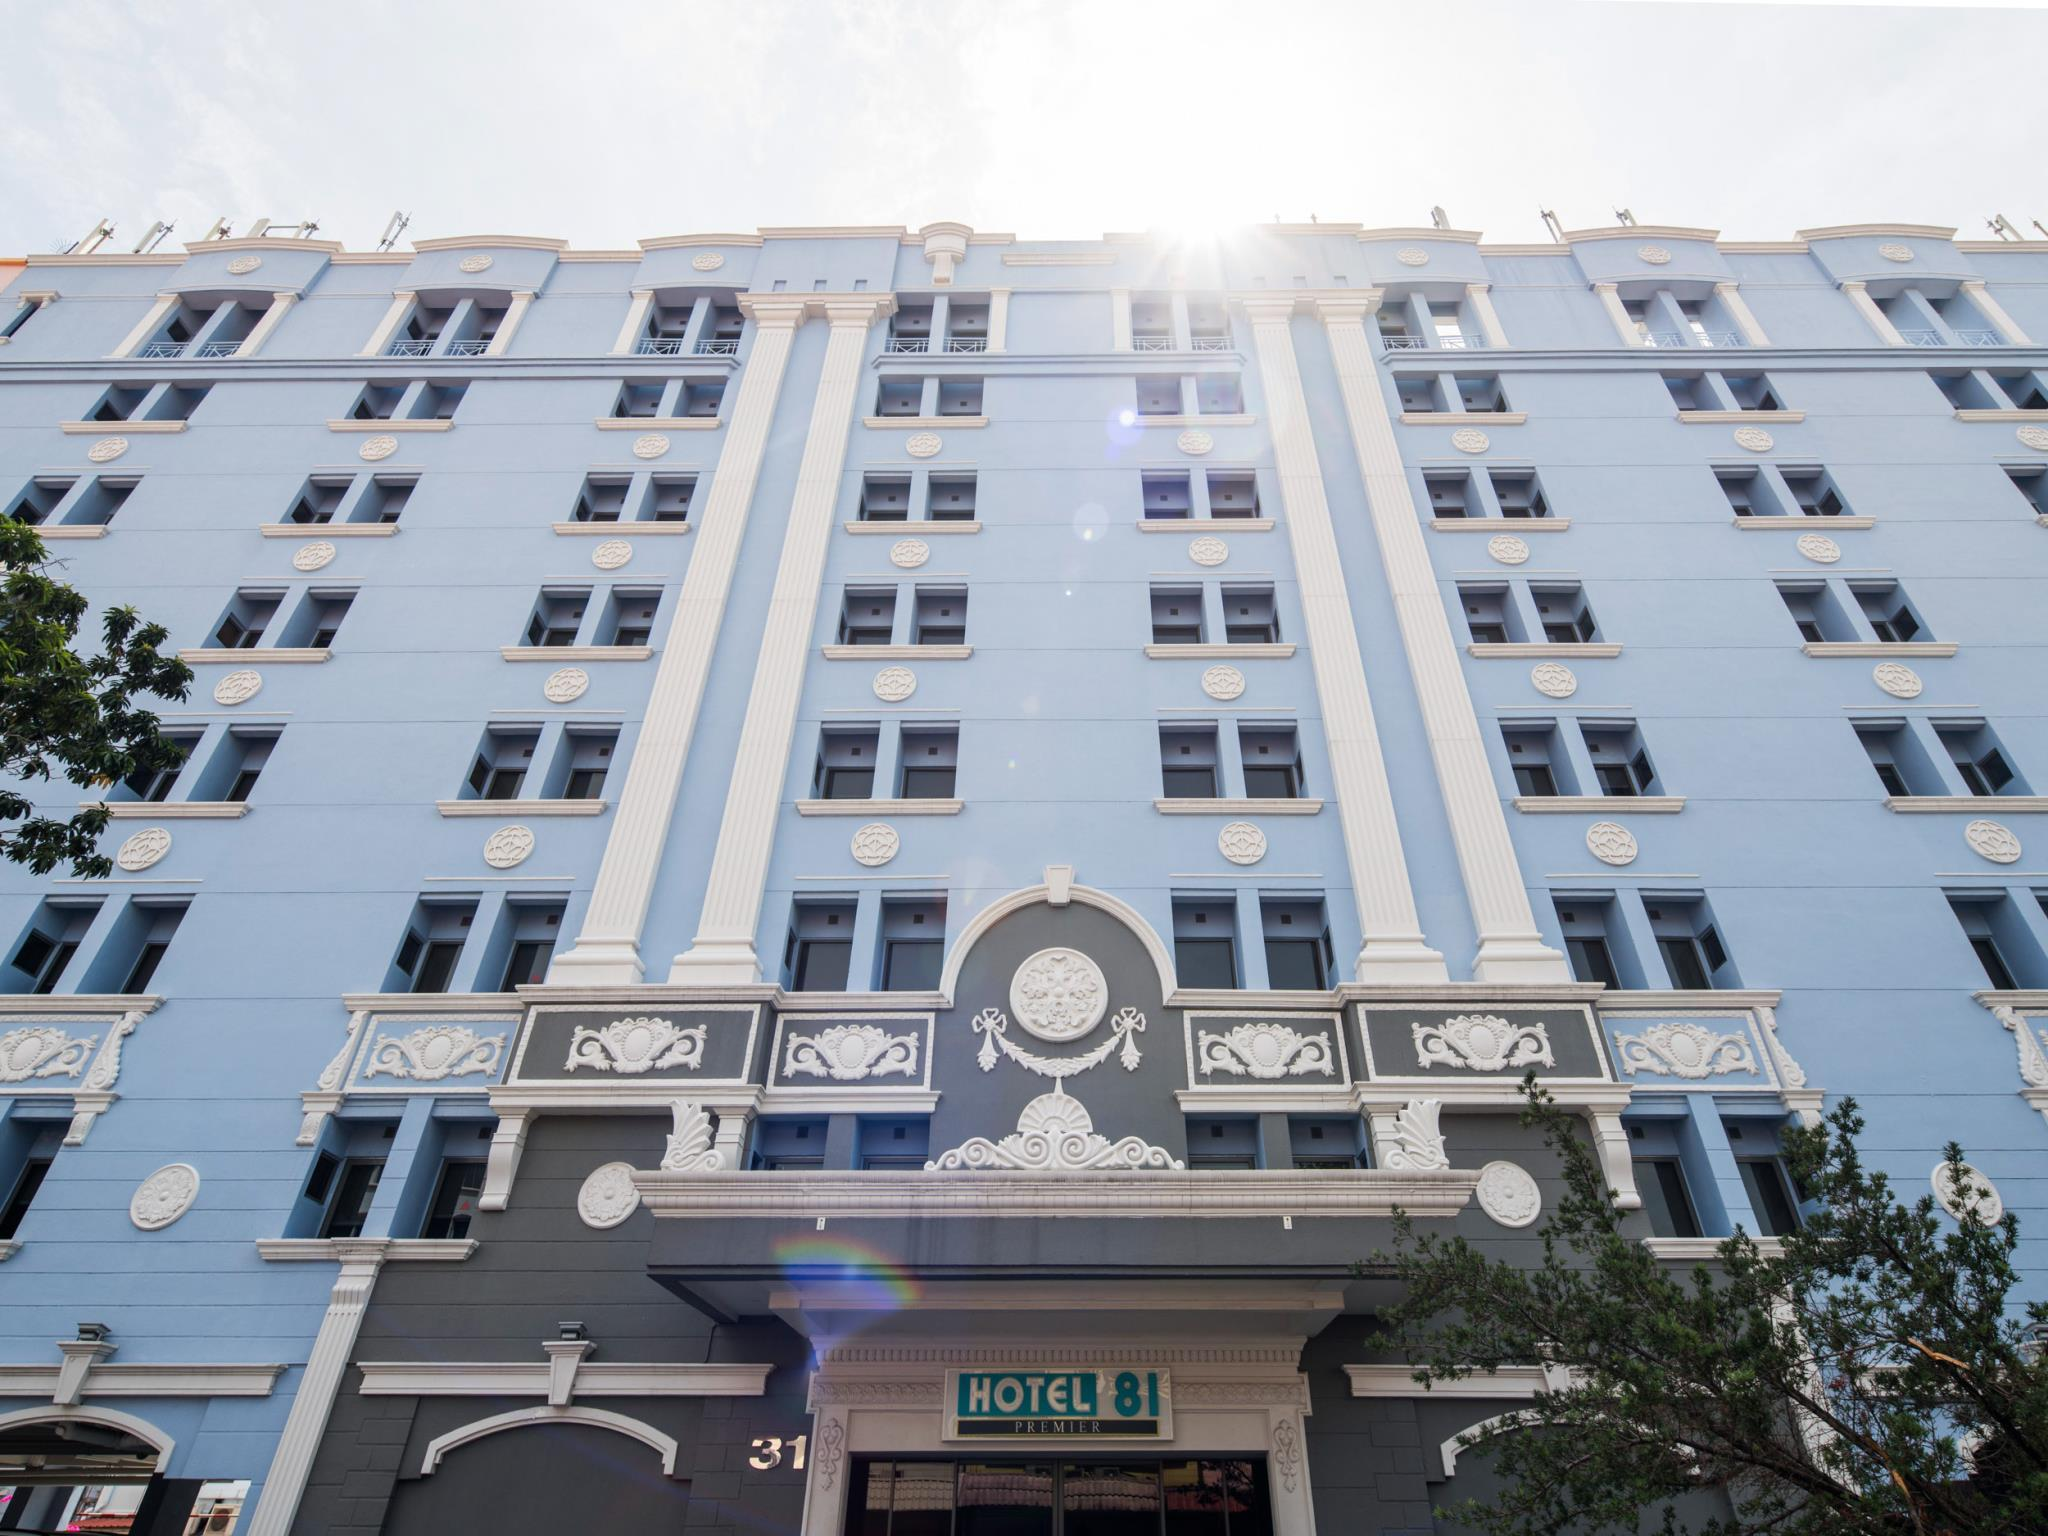 Hotel 81 Premier Star, Bedok